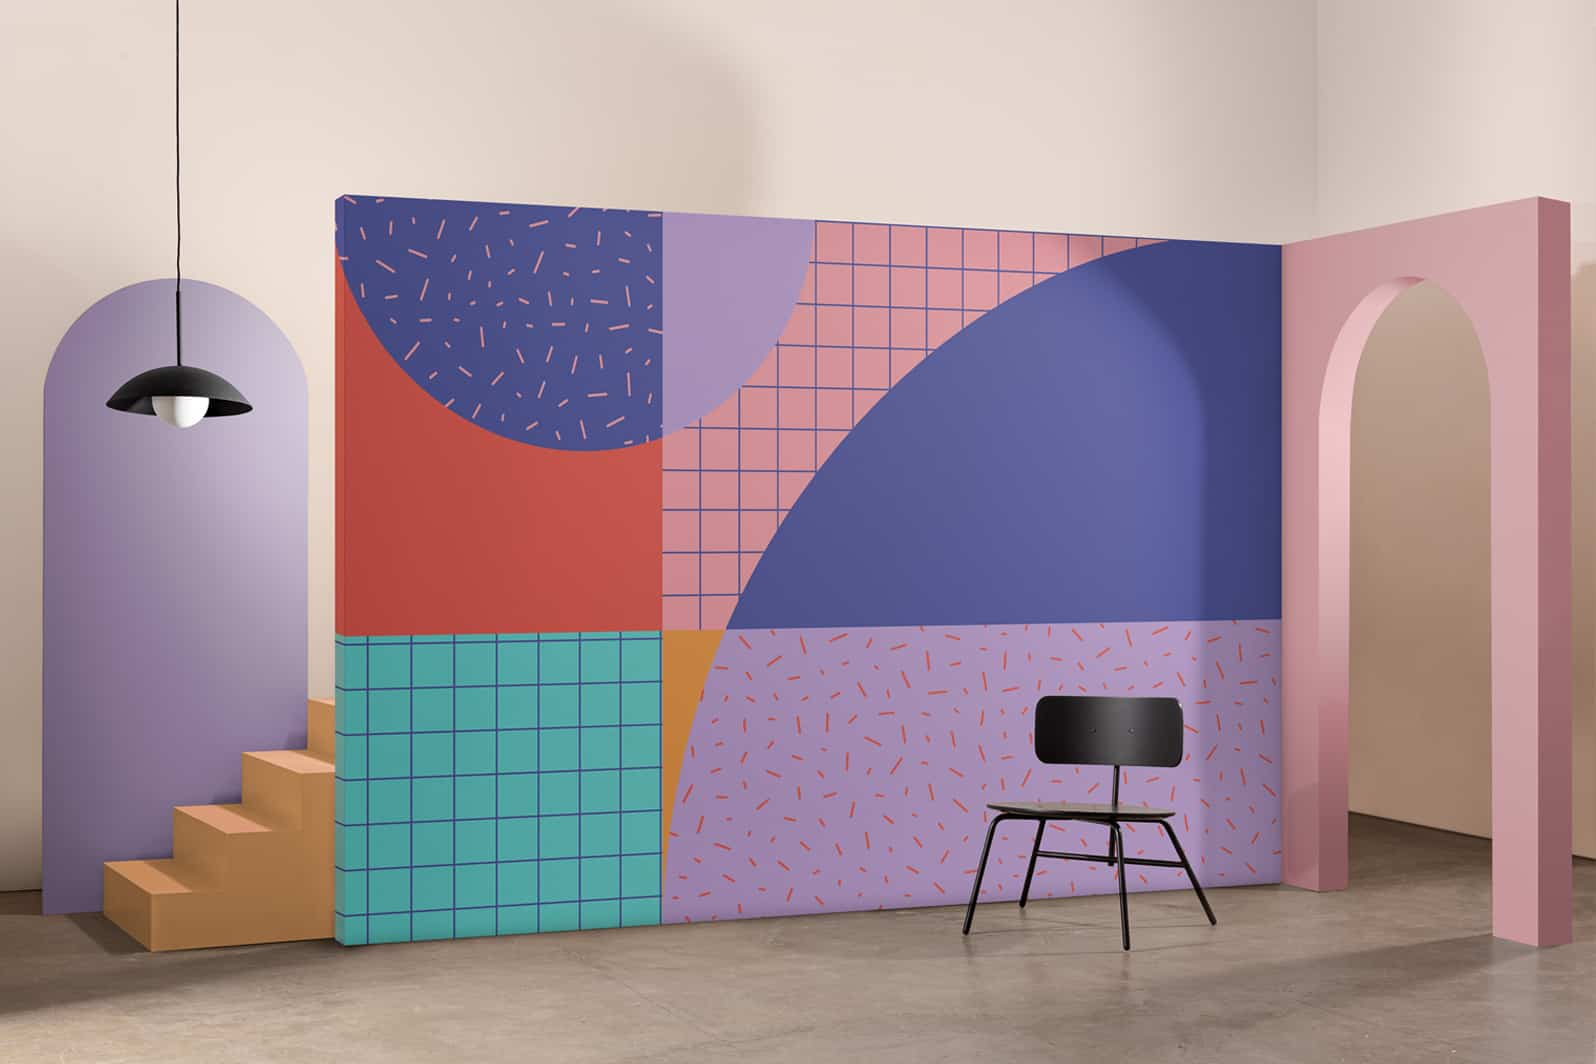 Papeles pintados atrevidos en una colección inspirada en el Grupo Memphis 6